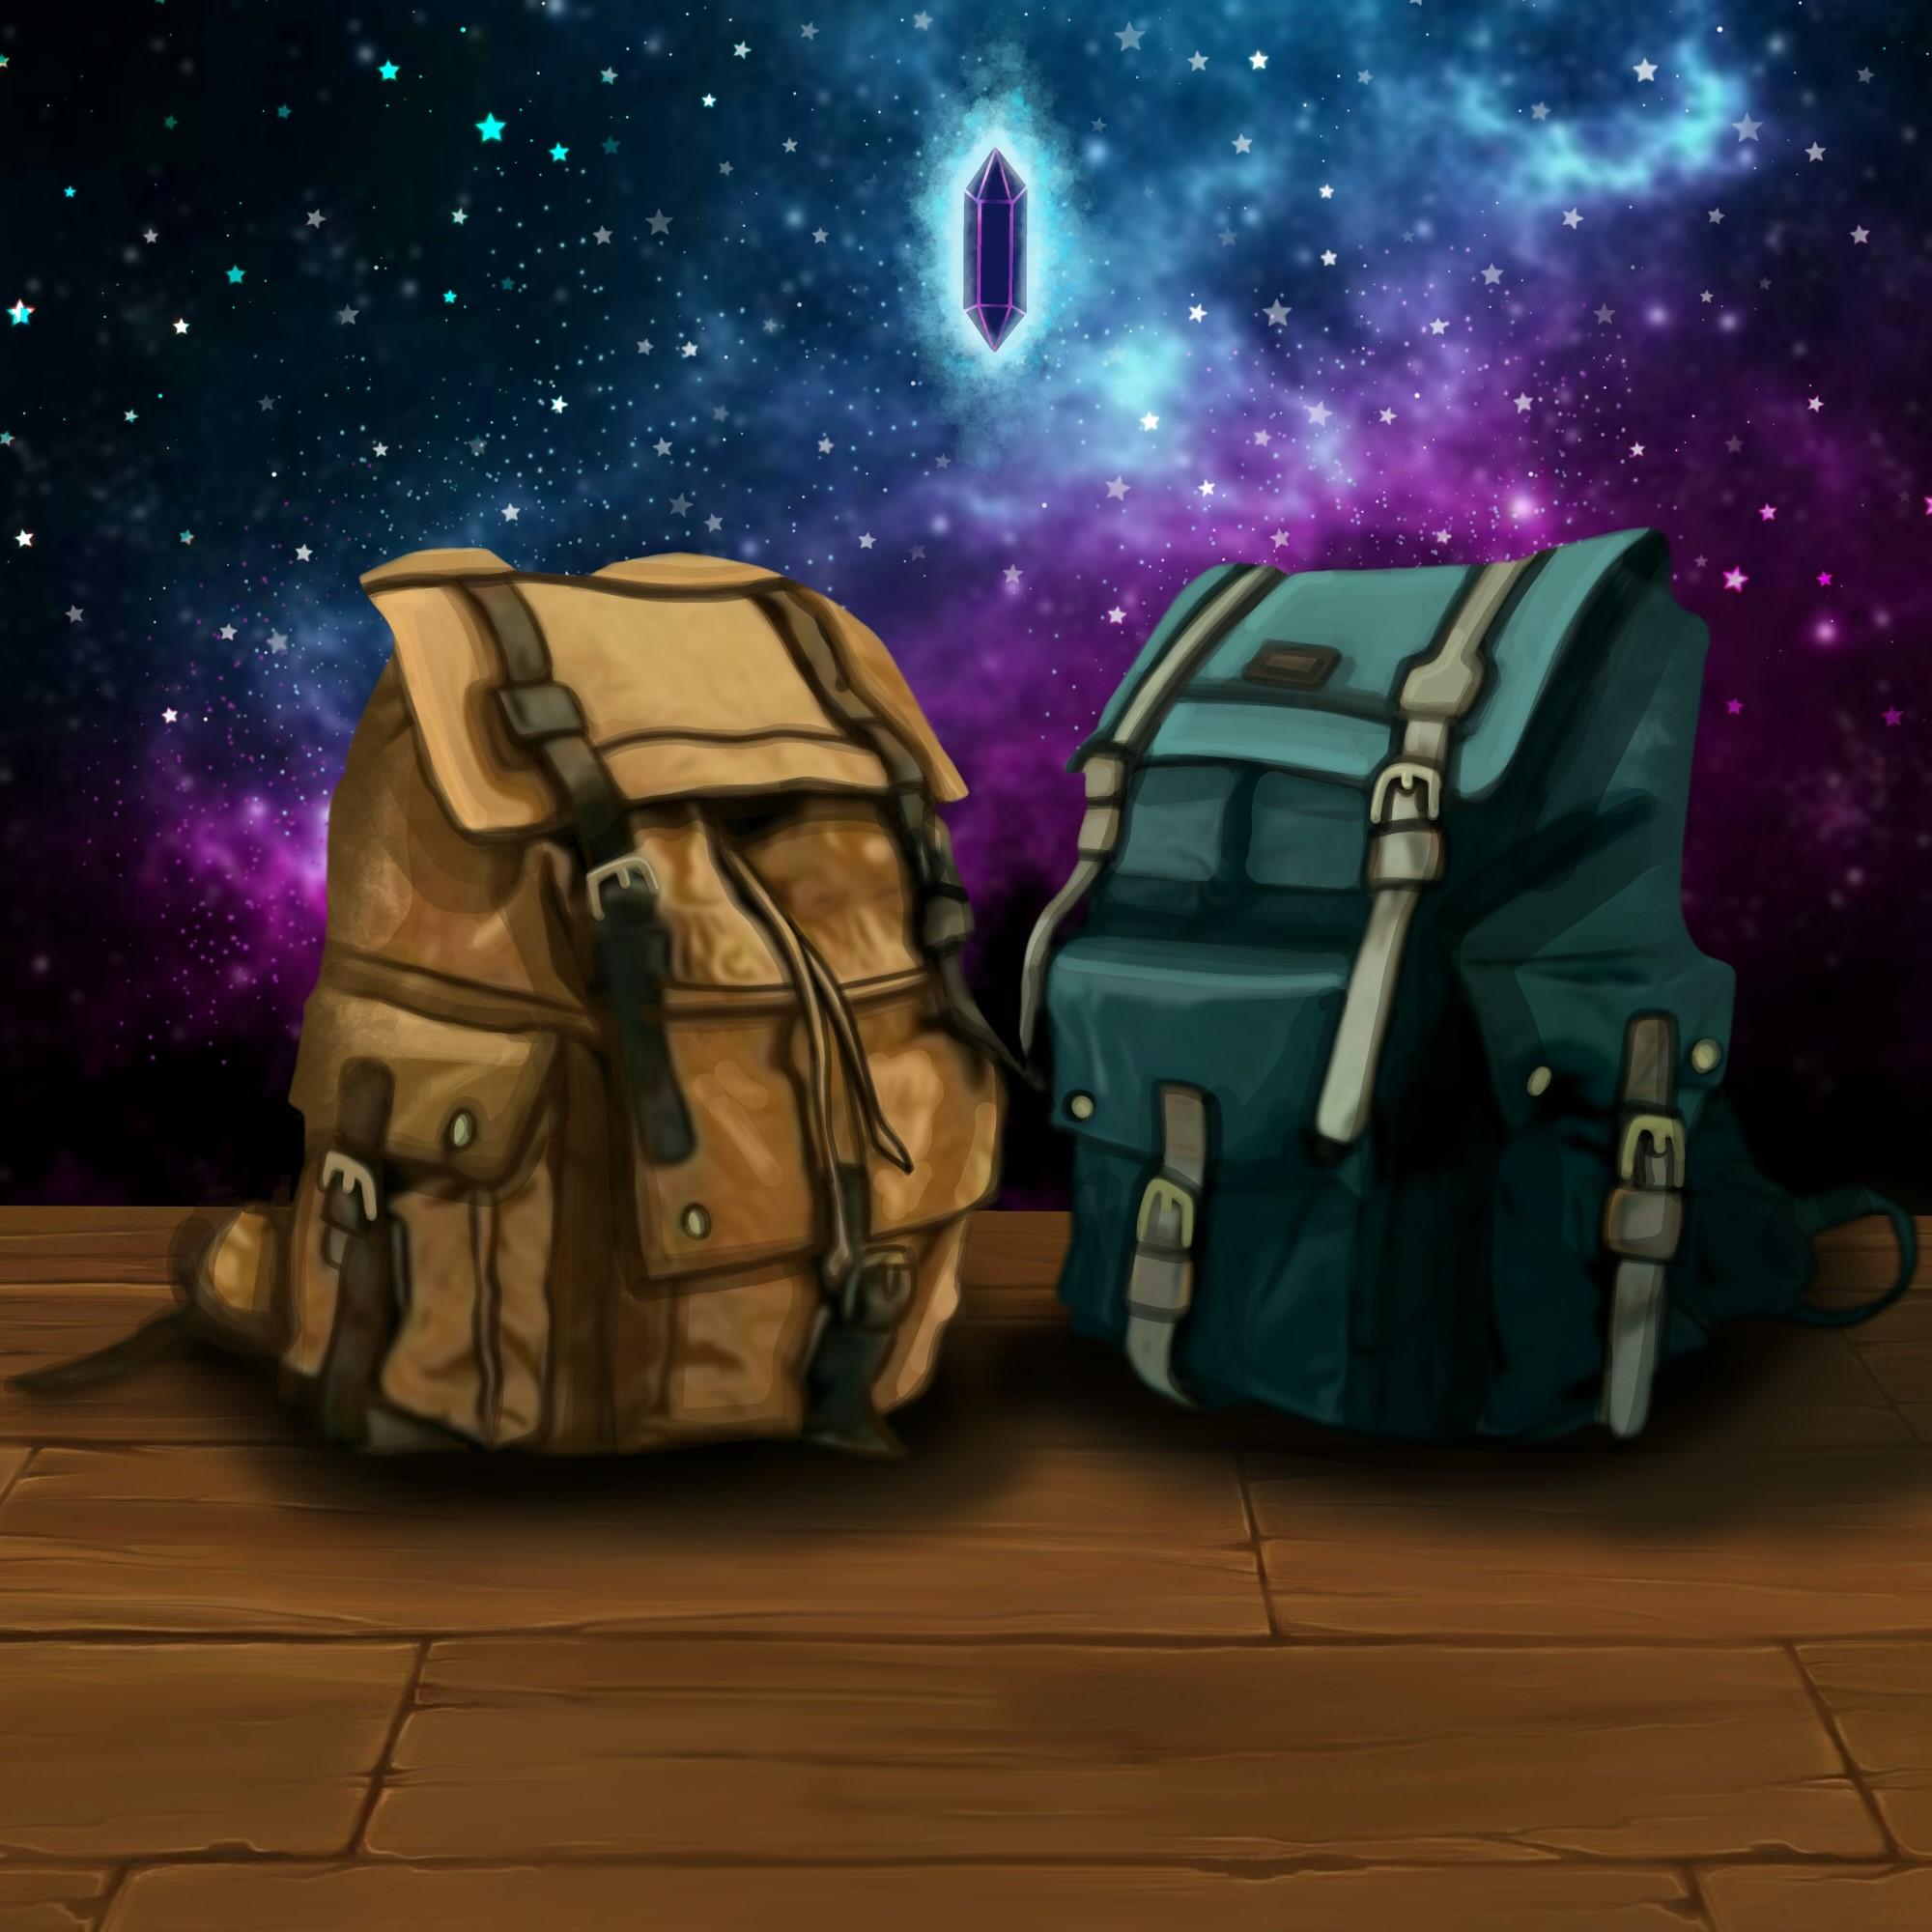 Art of backpacks